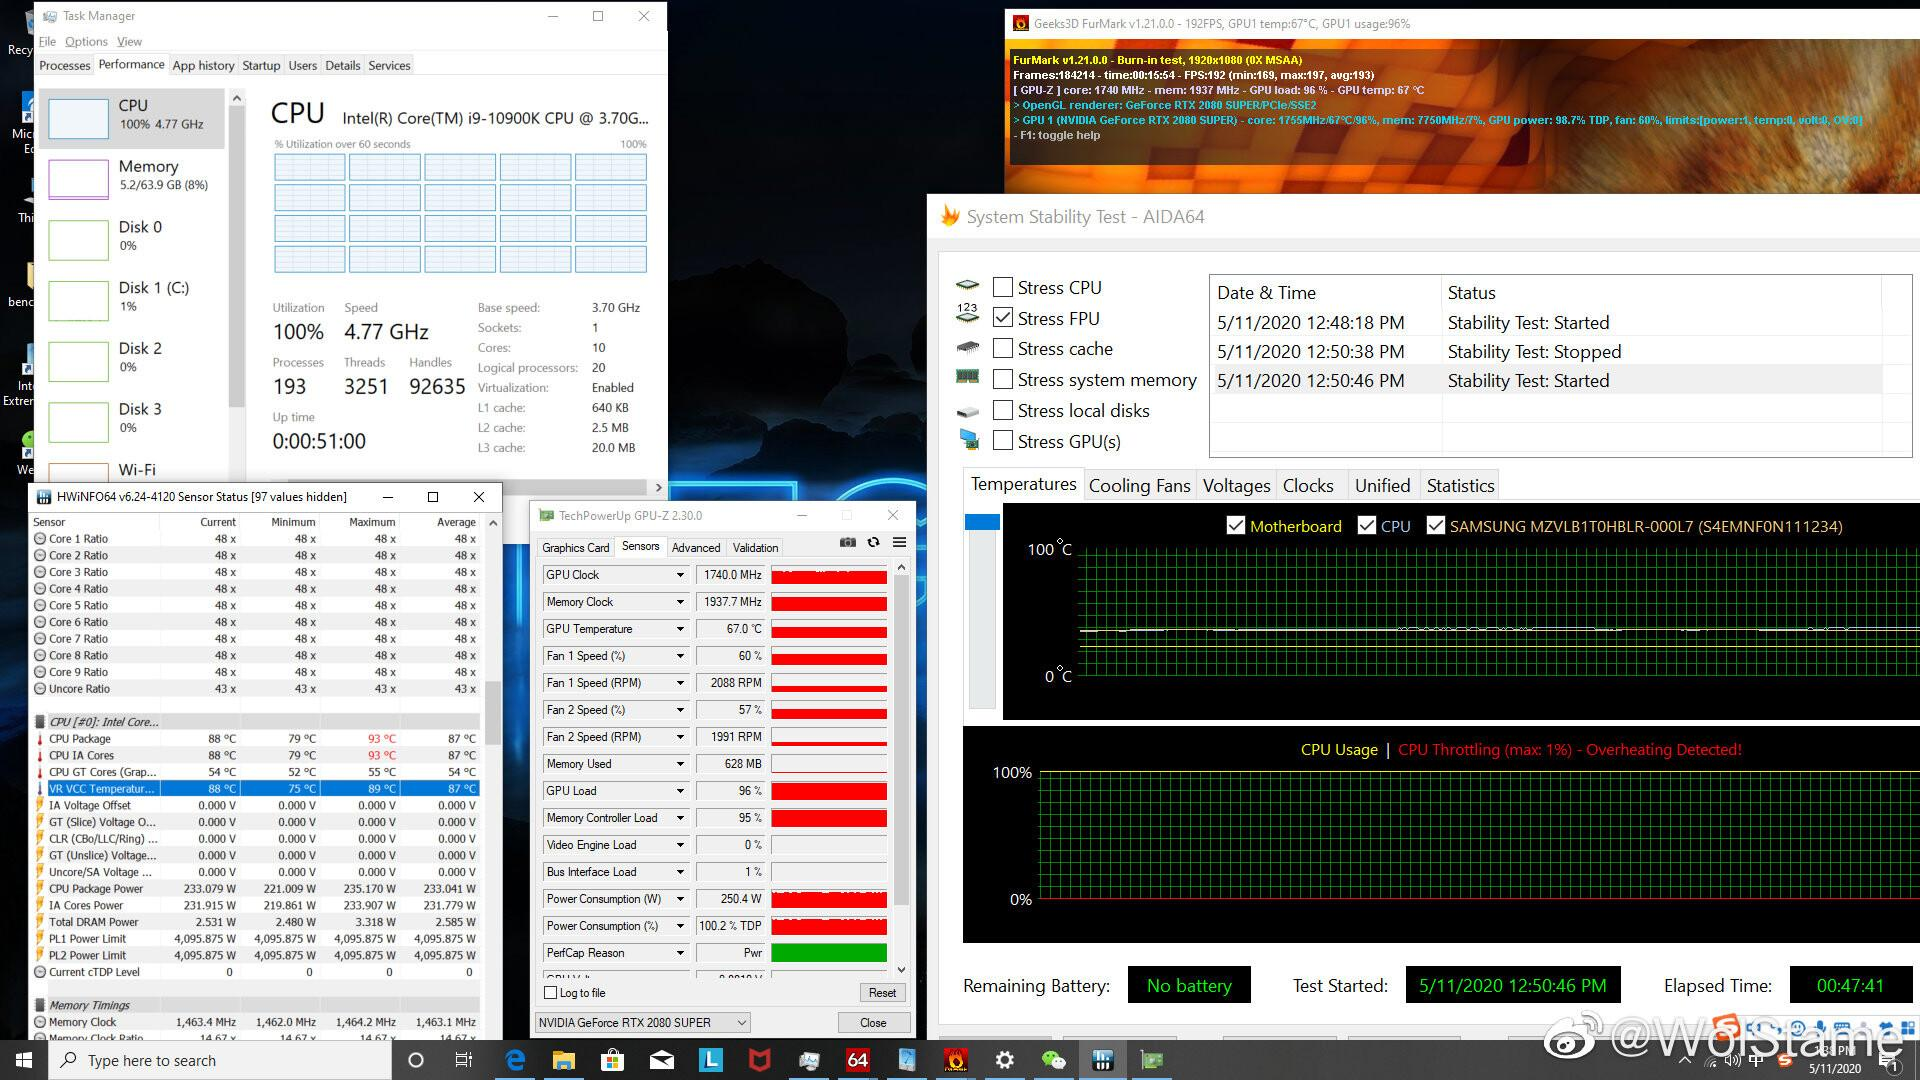 Intel i9-10900K под дичайшей нагрузкой держит частоту 4,77 ГГц, ногреется до93 градусов